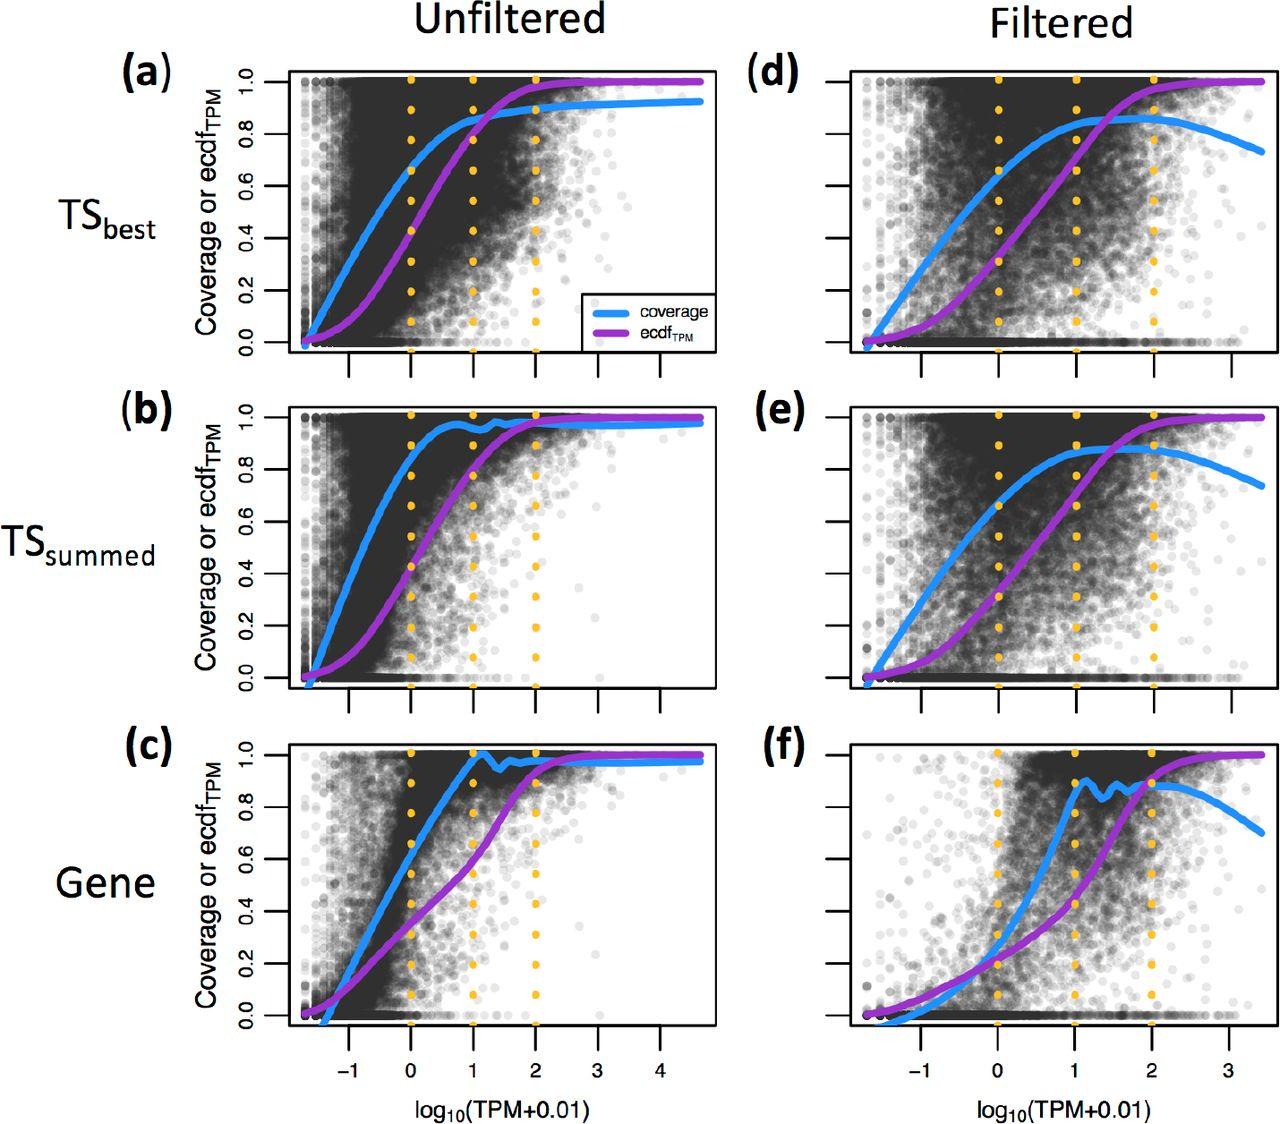 Error, noise and bias in de novo transcriptome assemblies | bioRxiv